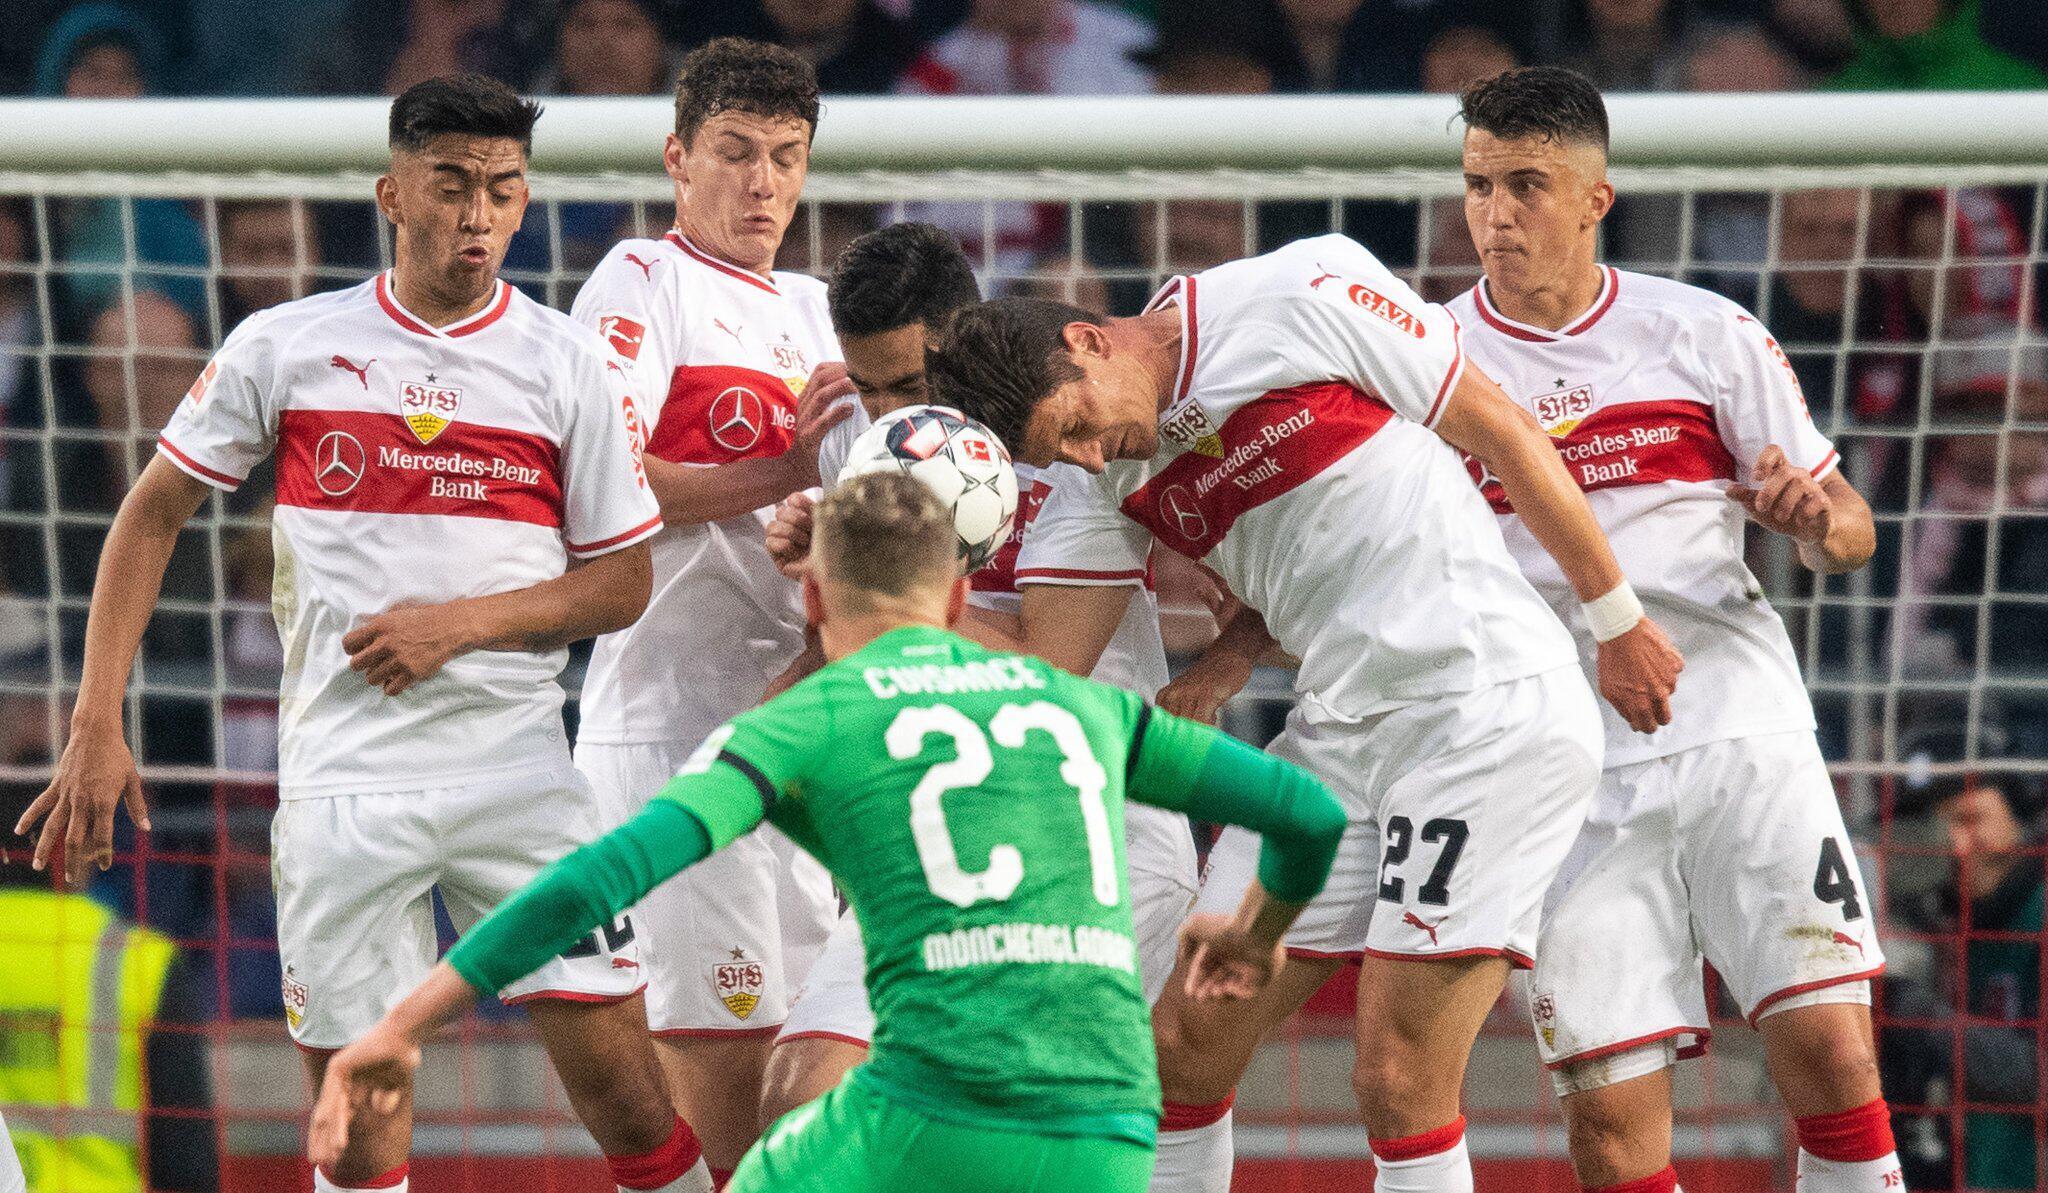 Bild zu VfB Stuttgart - Borussia Mönchengladbach 1:0